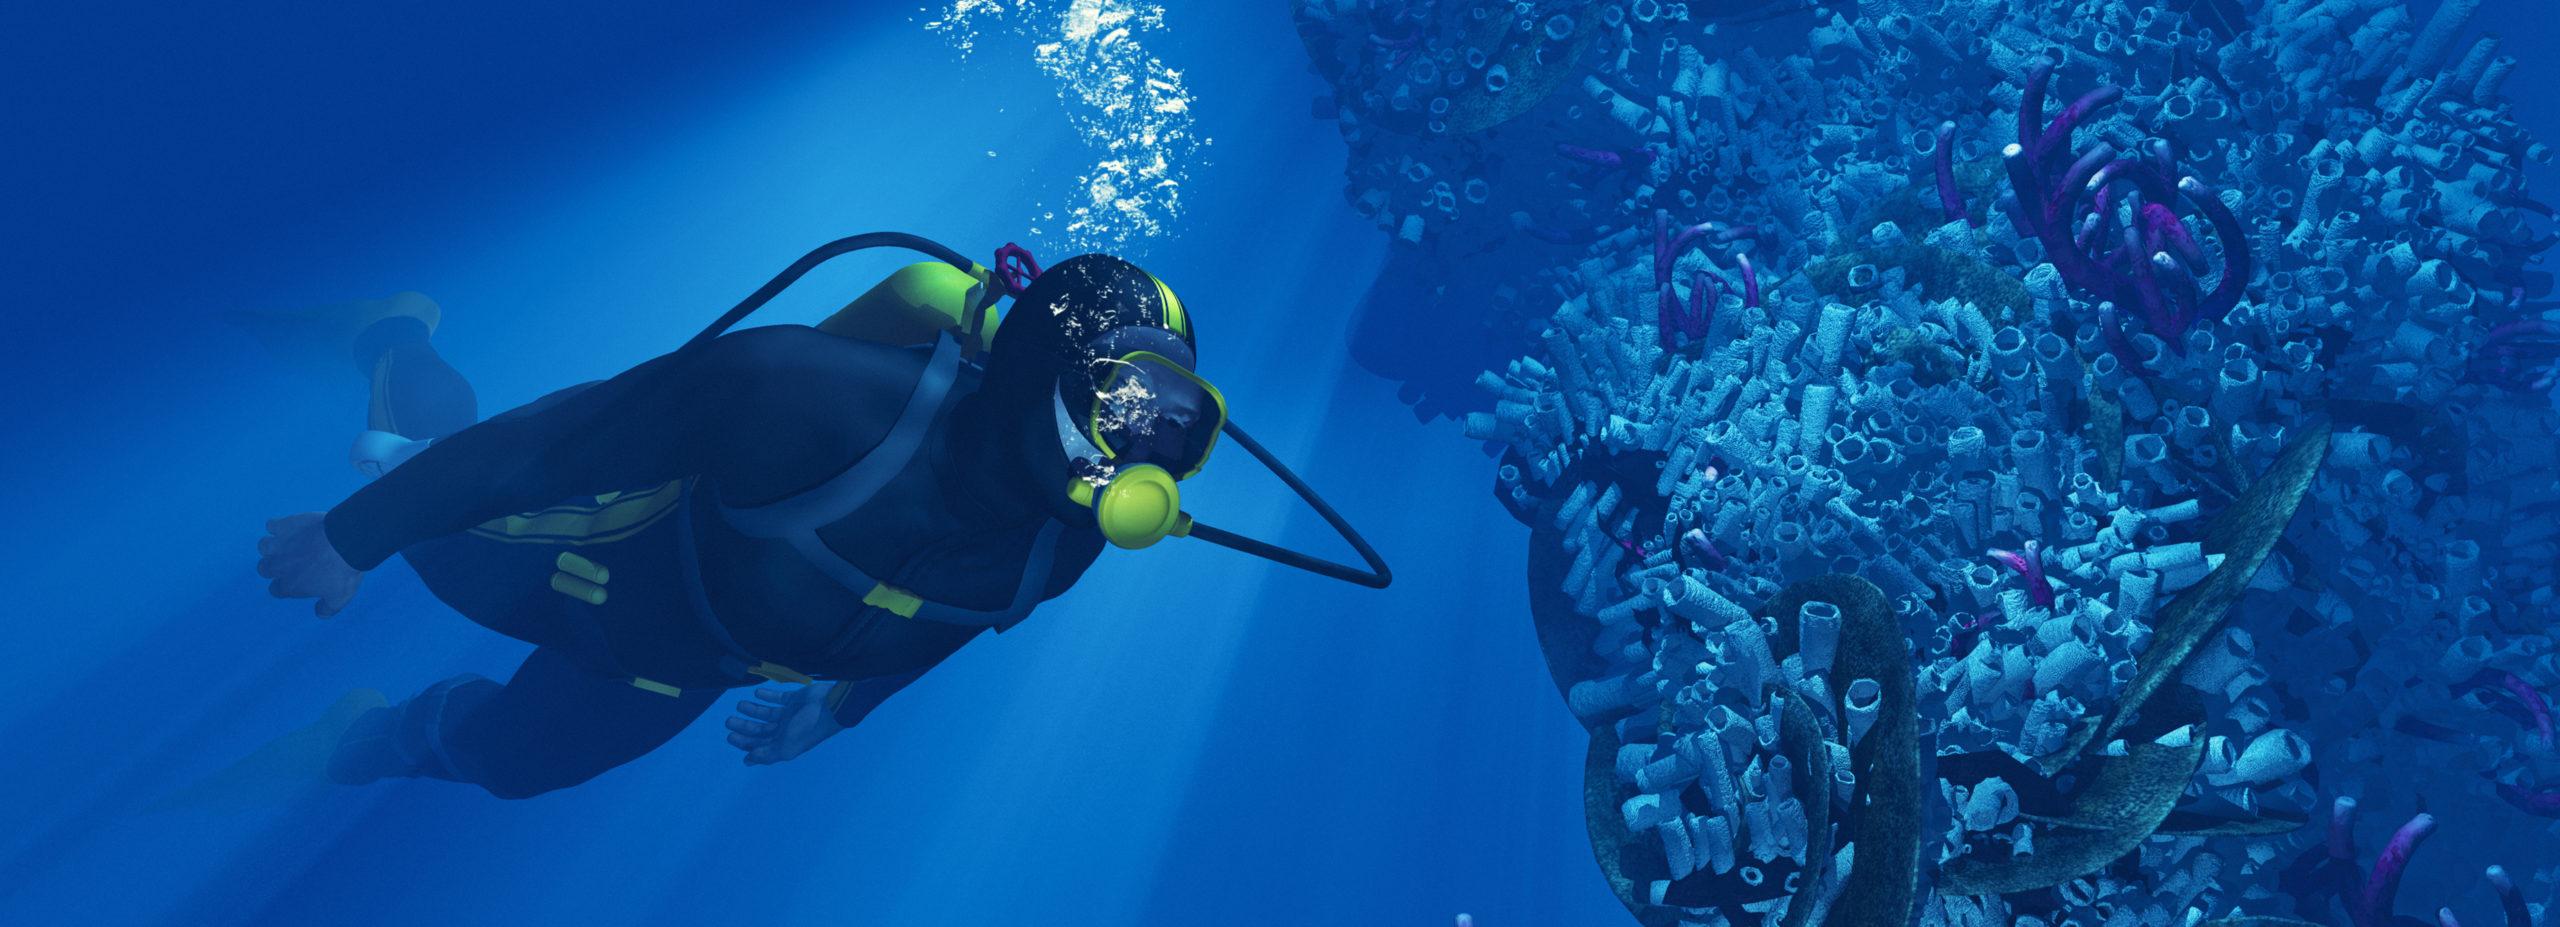 Taucher mit einer Tauchmaske wirft Blasen neben Korallen